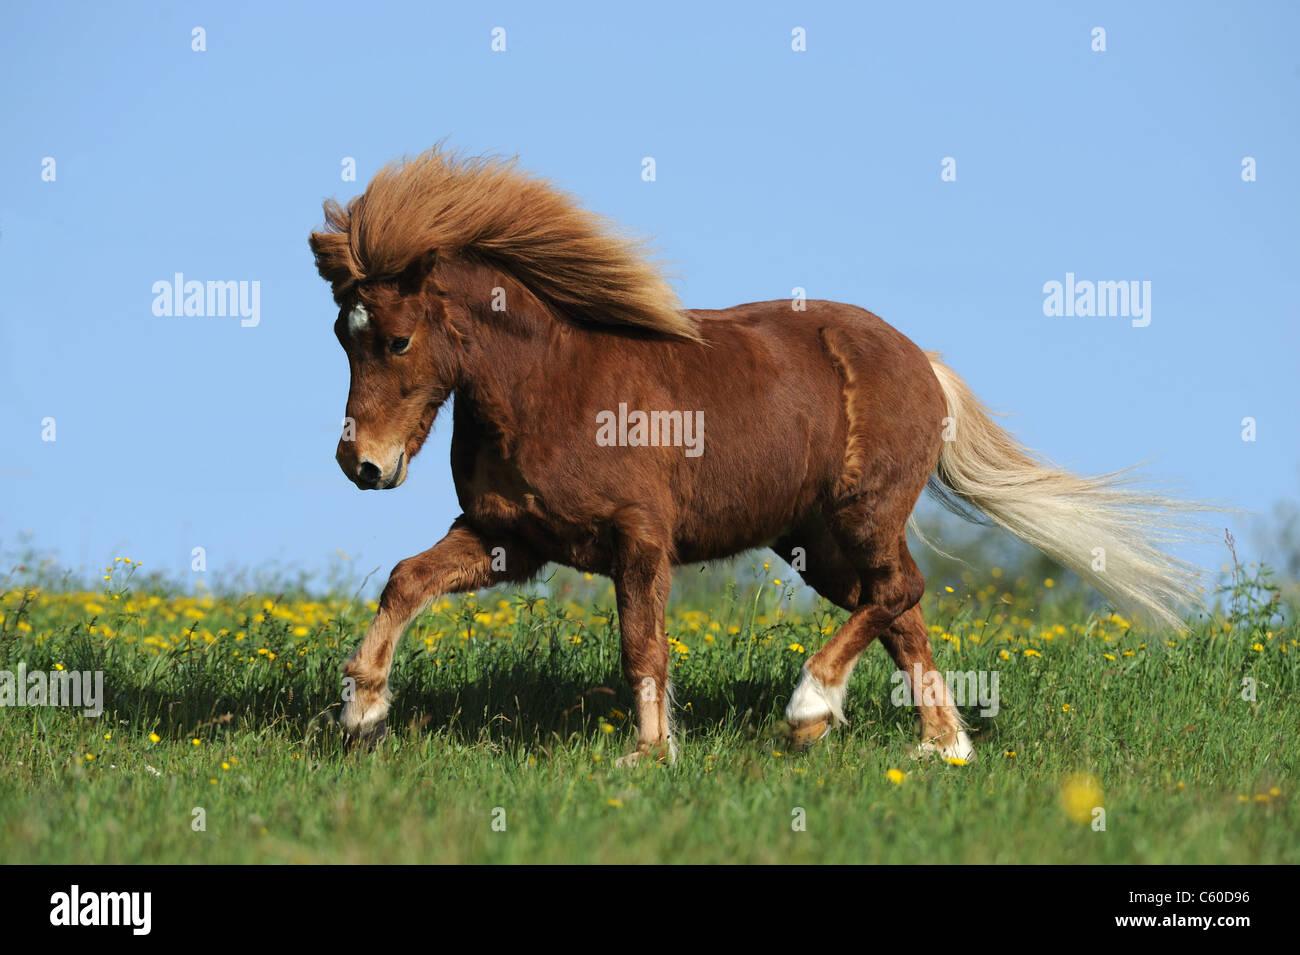 Cheval islandais (Equus ferus caballus) dans un trot sur un pré. Photo Stock